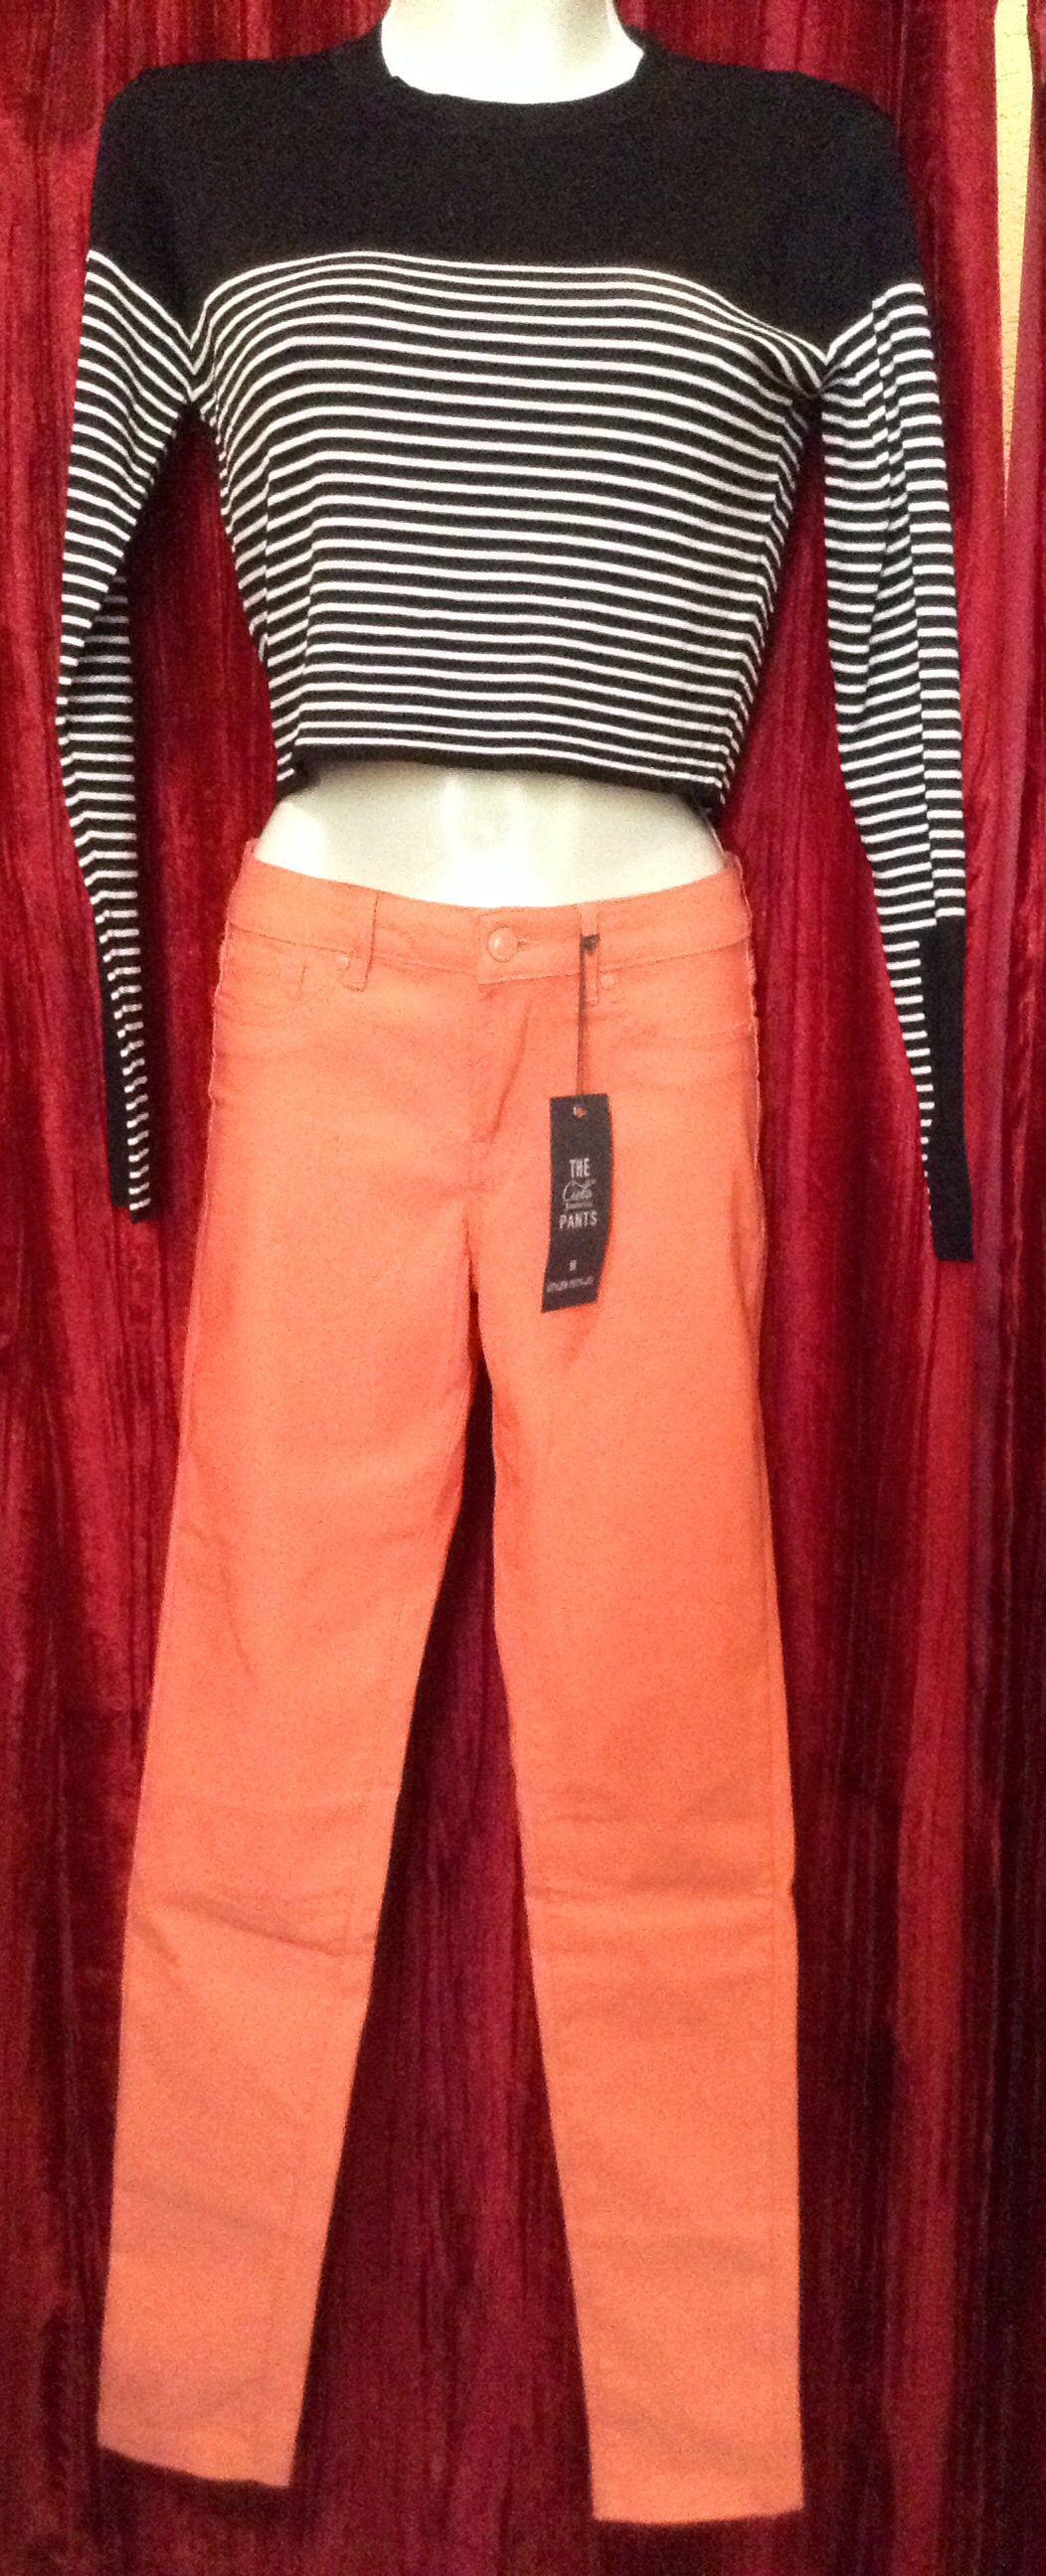 Blusa rayas S pantalón salmón M